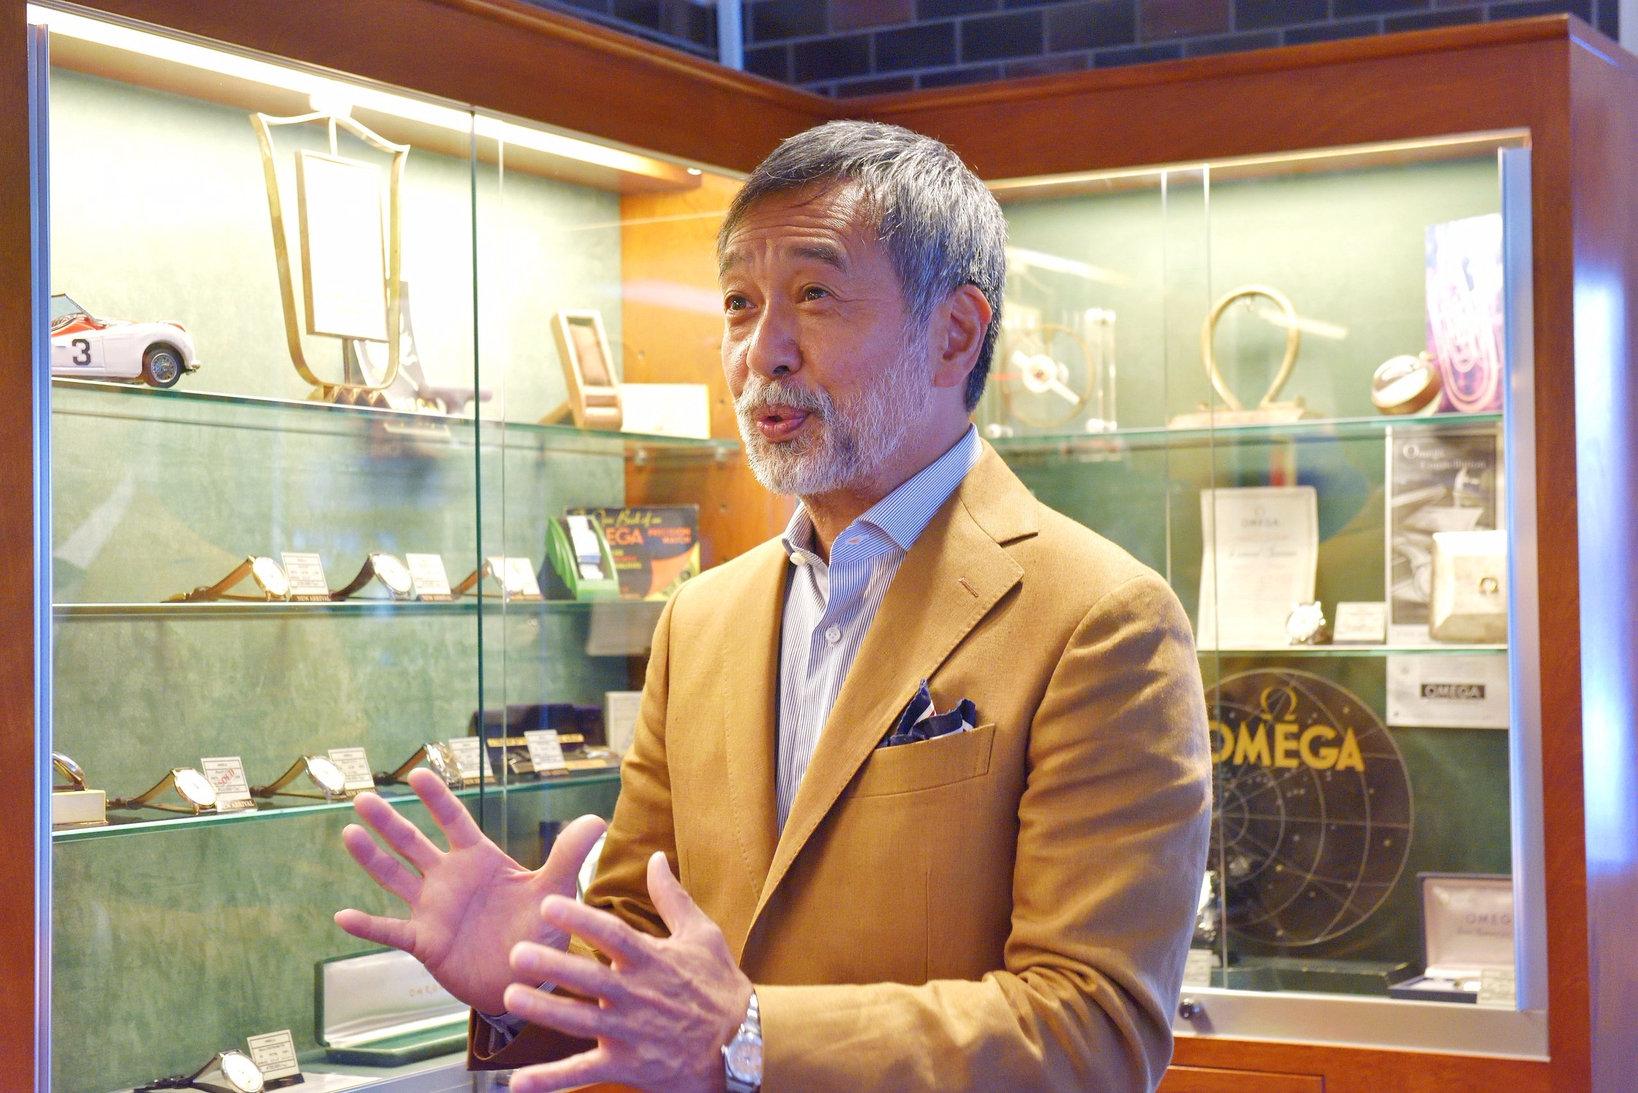 ケアーズの創業者であり、現在は会長をつとめる川瀬さん